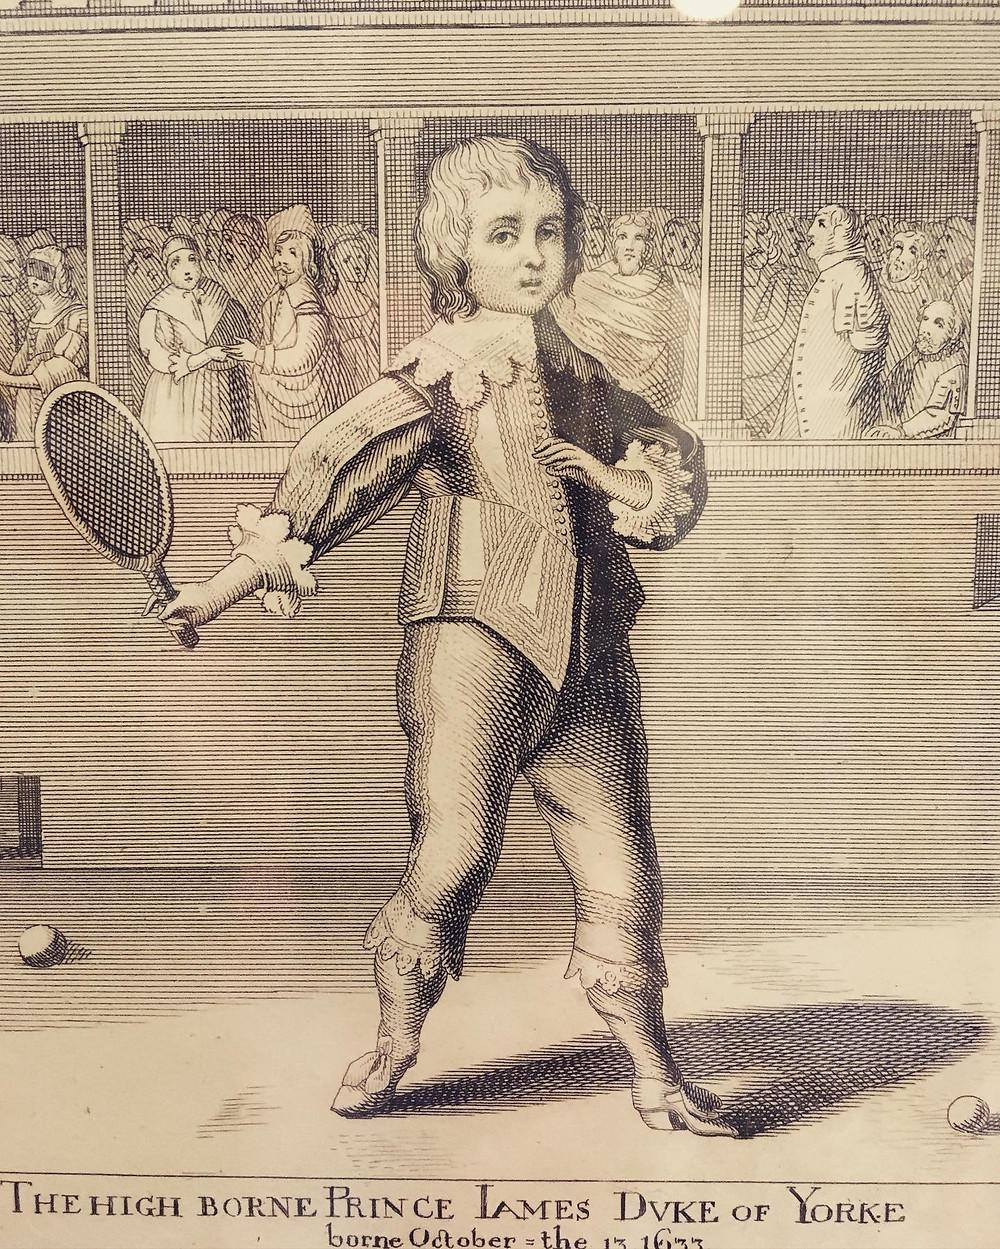 1800s Print of Prince James, Duke of York, Playing Tennis